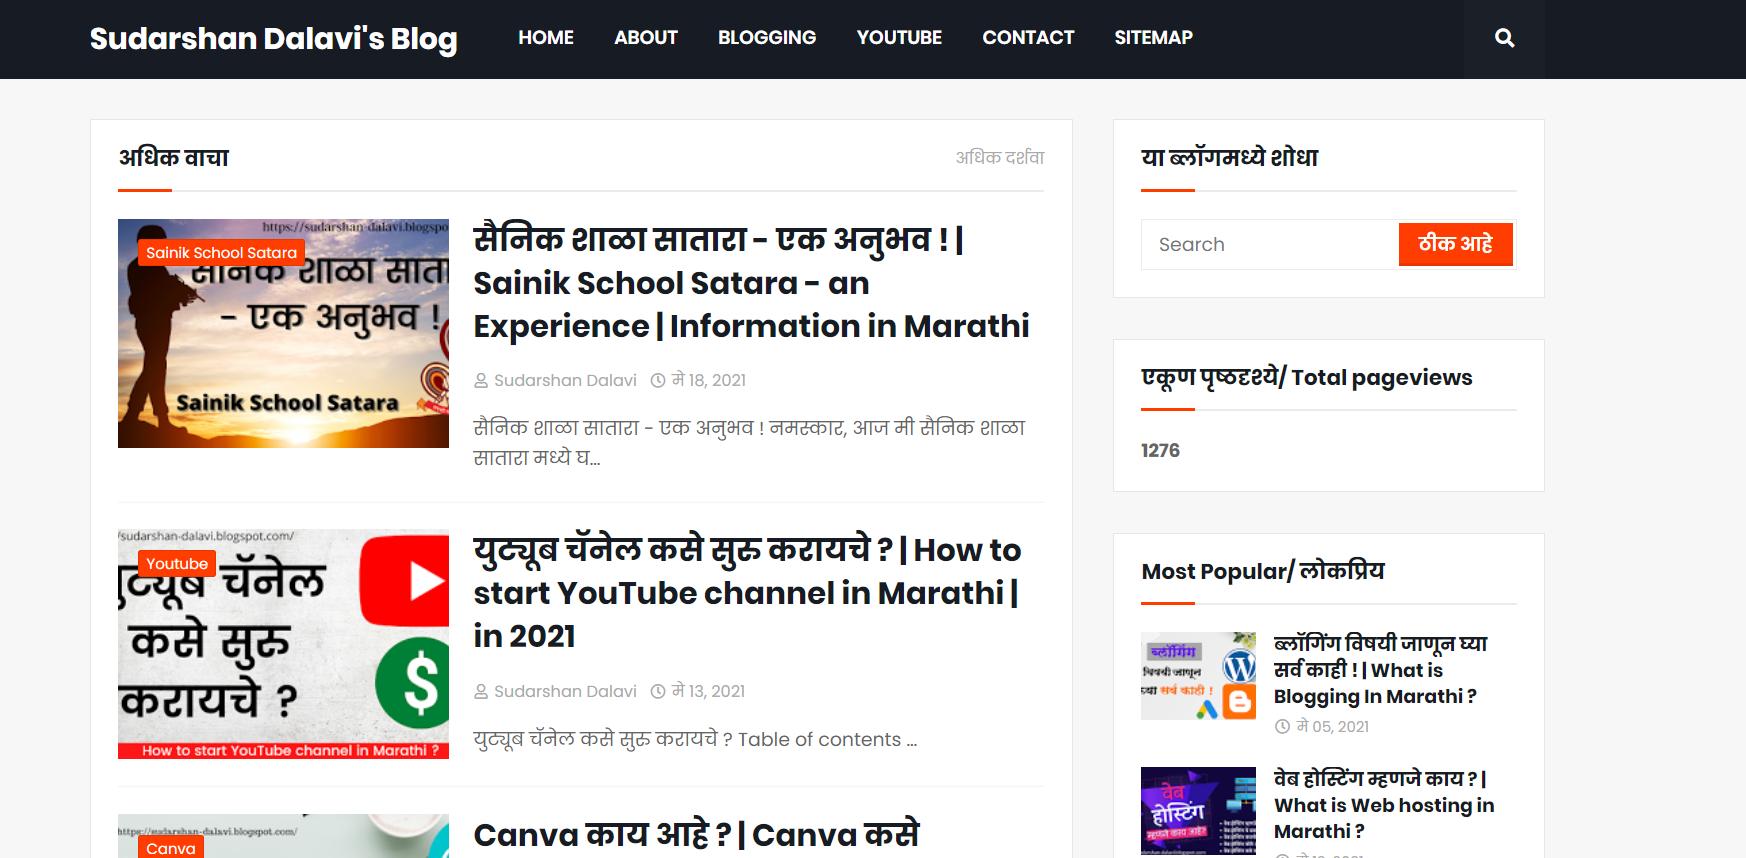 Sudarshan Dalavi's Blog